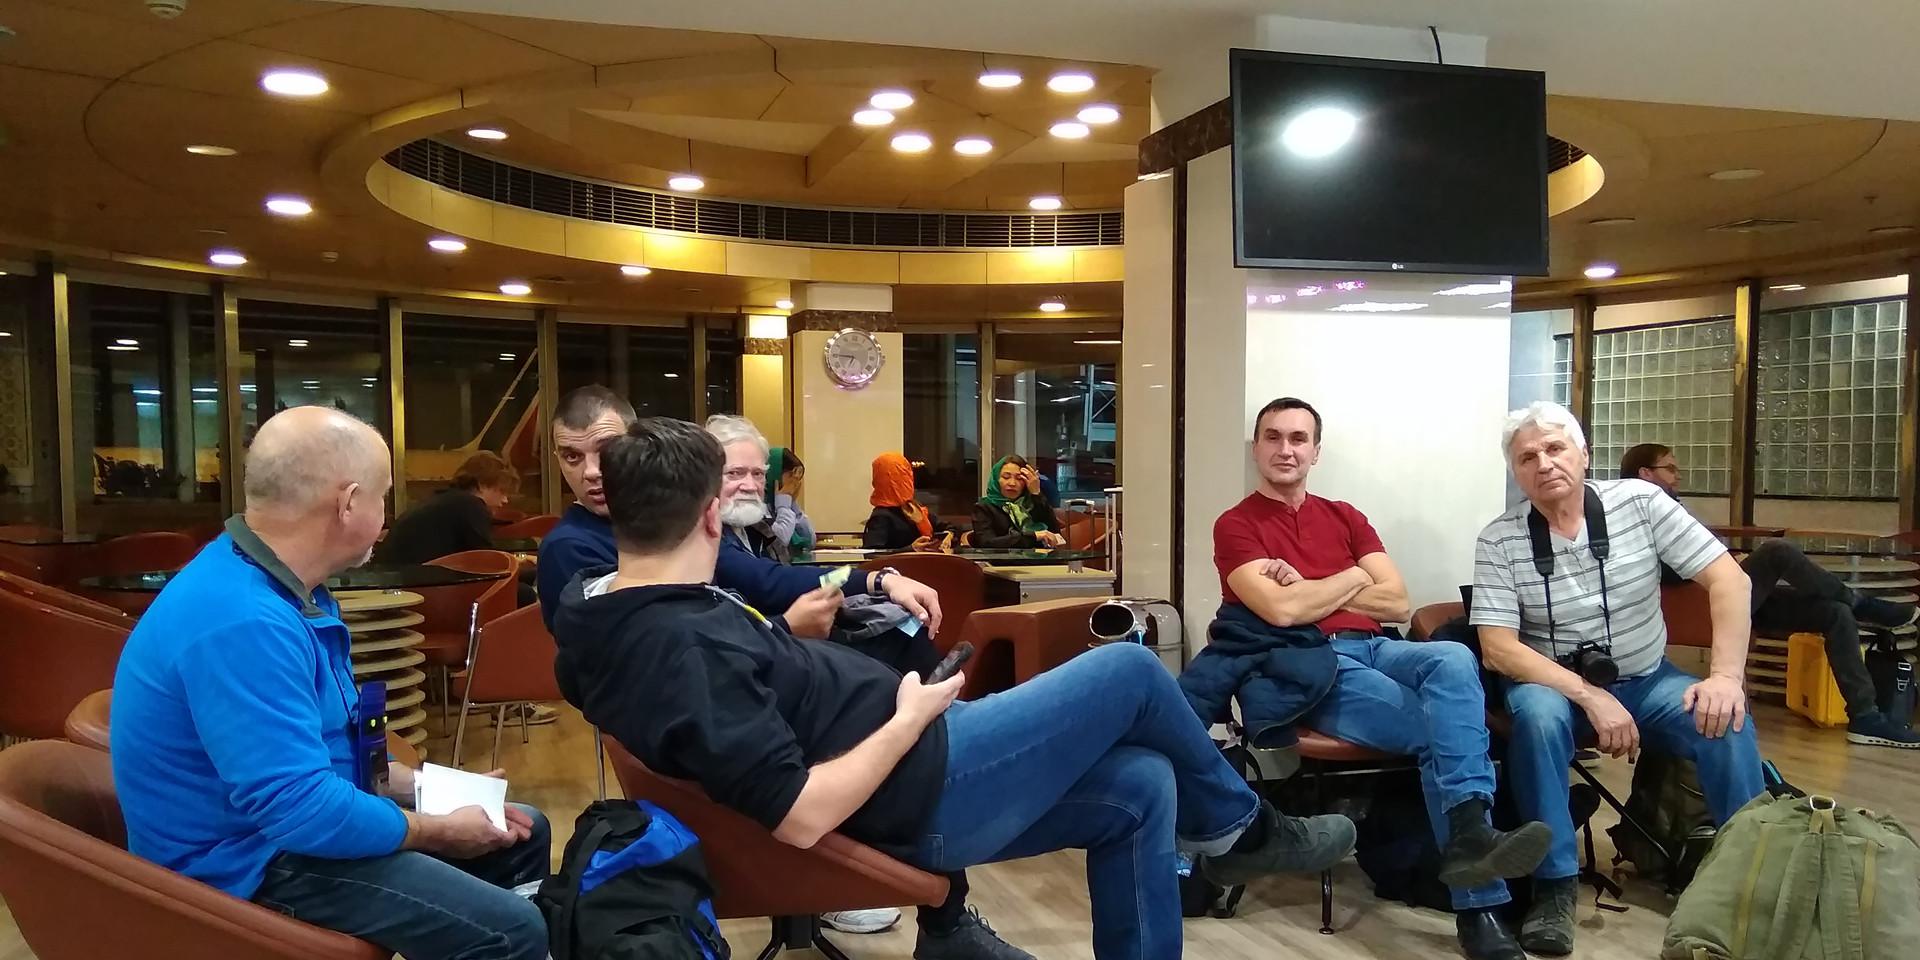 After departure